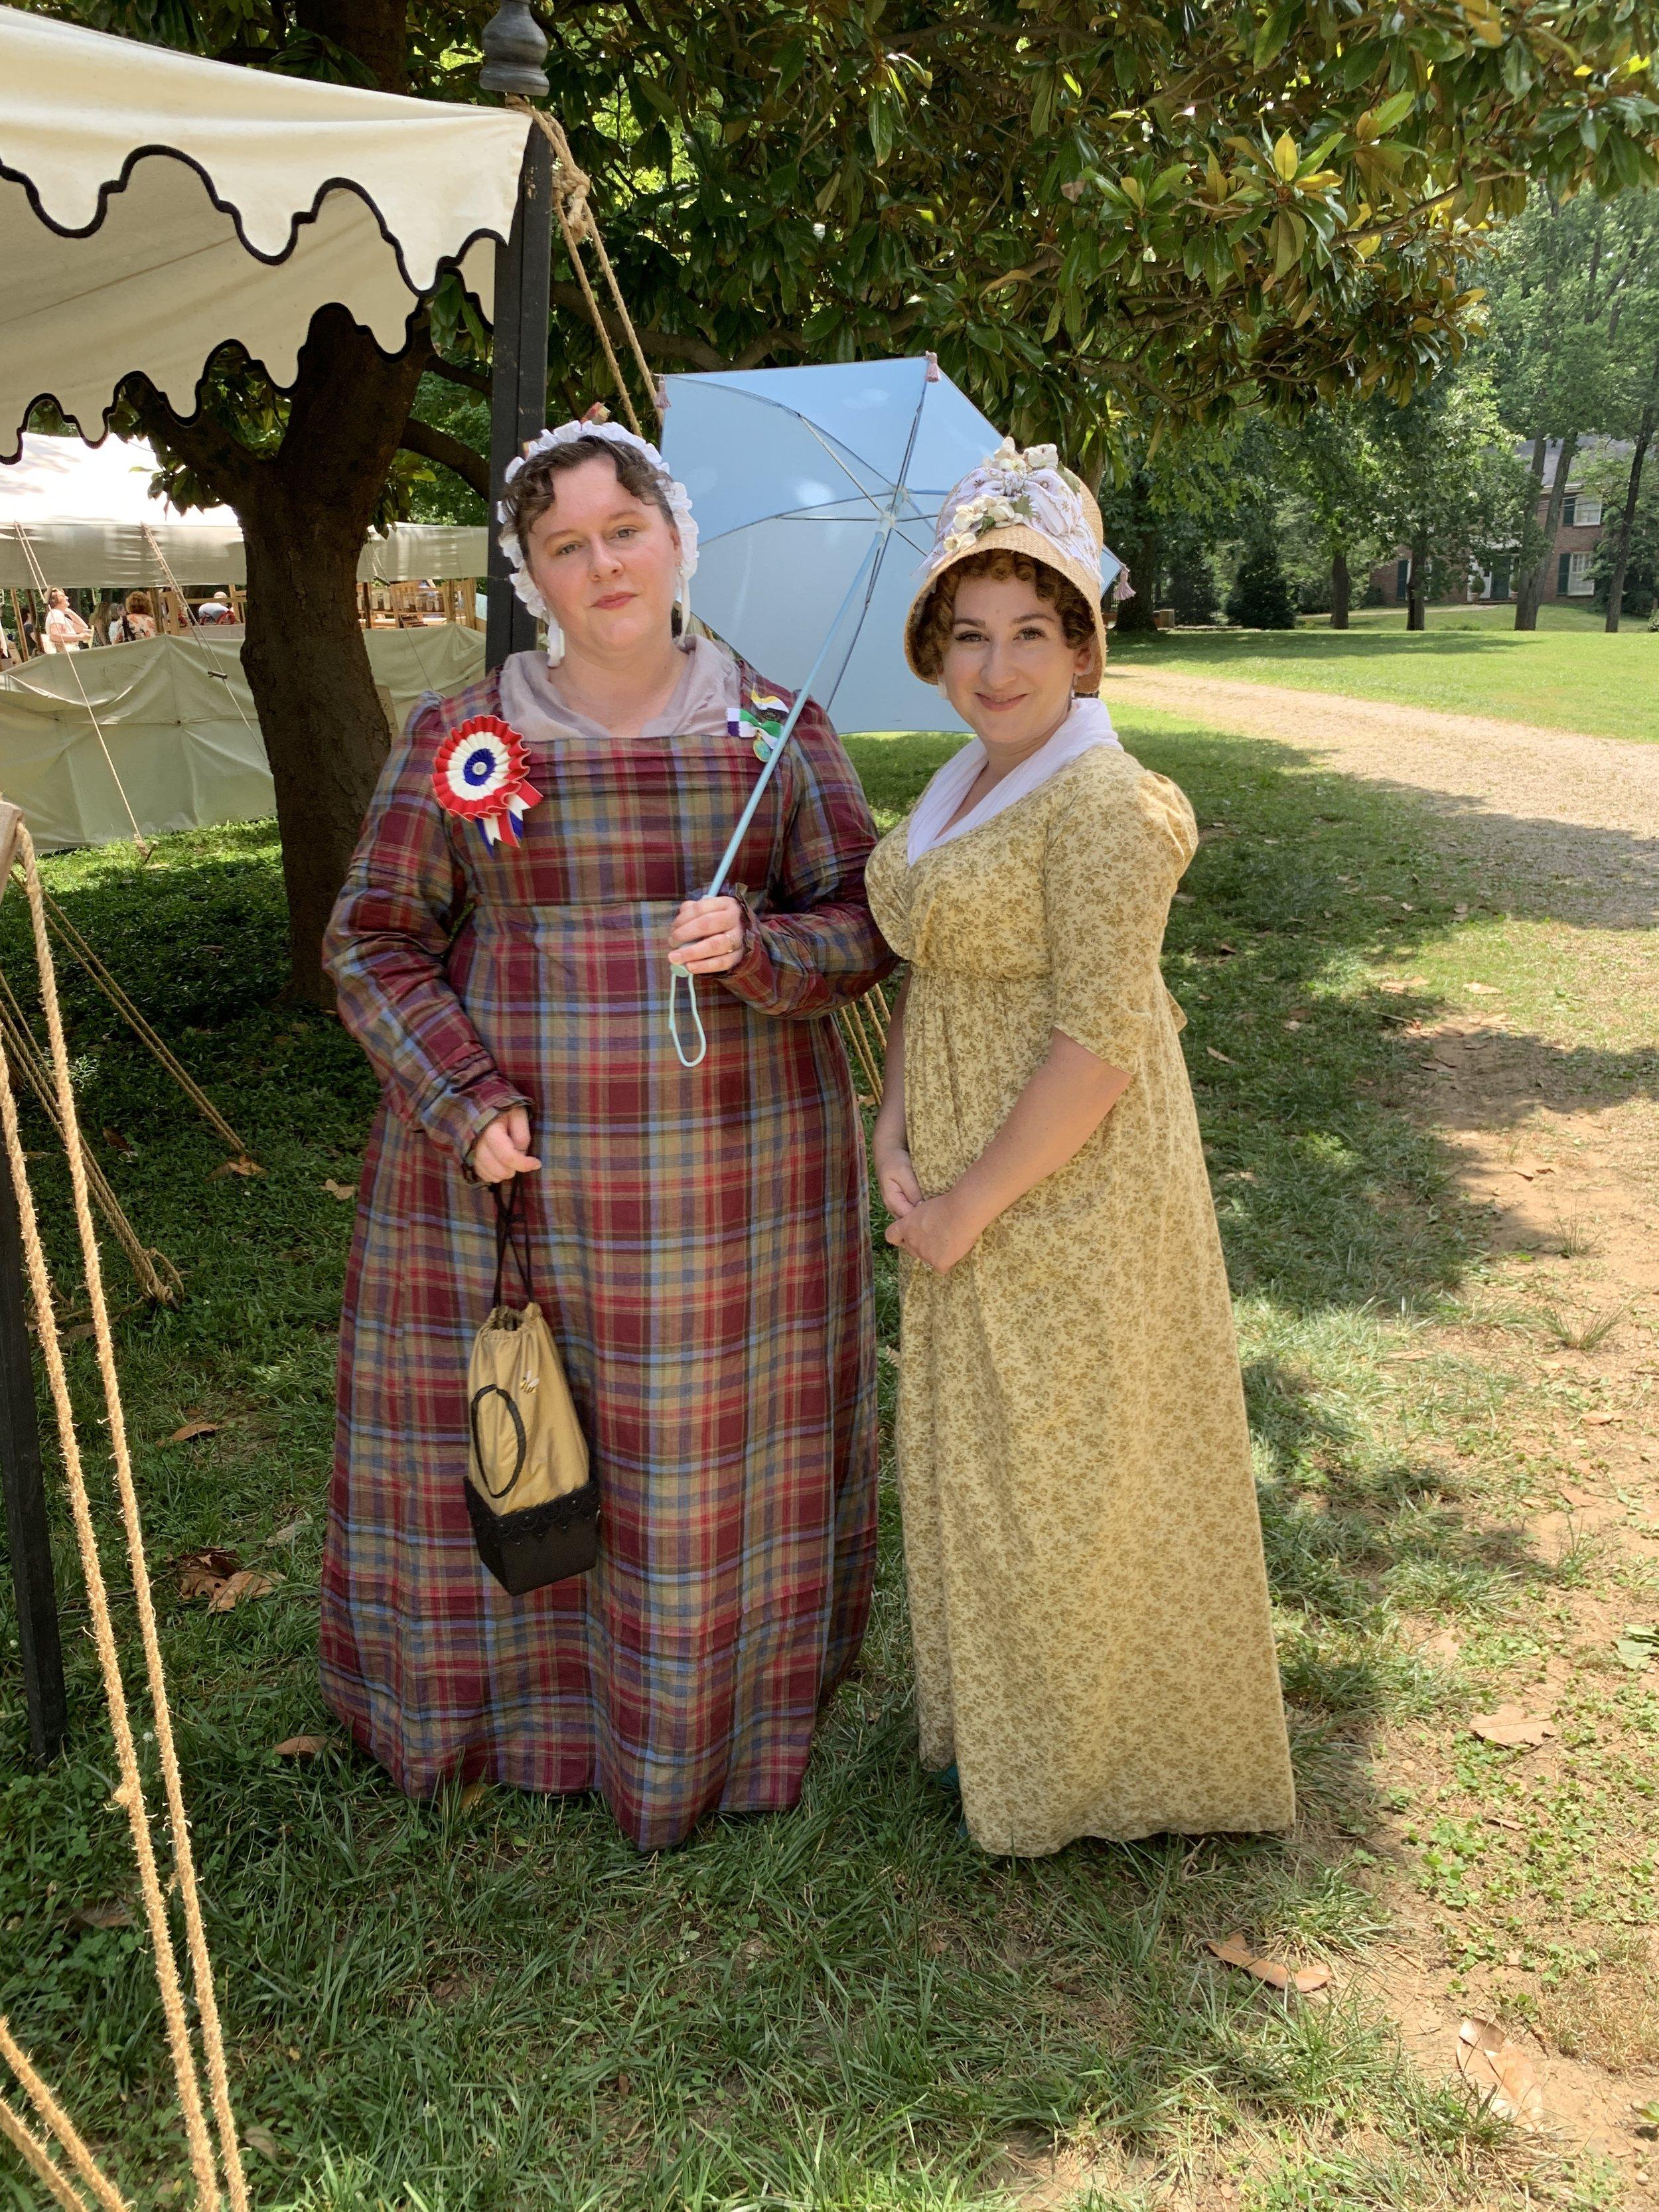 Jane Austen Festival Louisville Kentucky 2019 Regency Dress